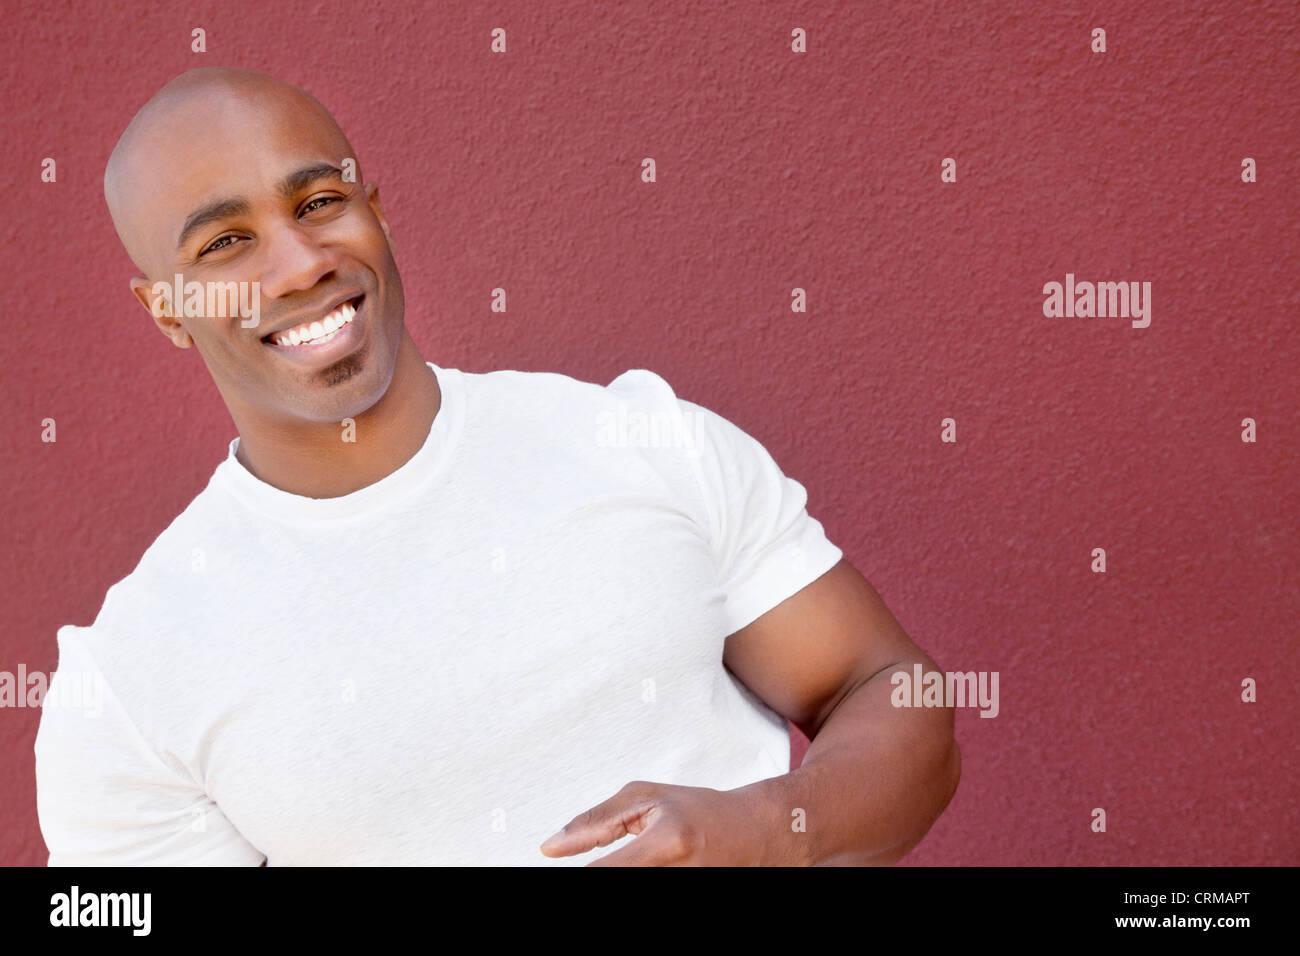 Ritratto di un giovane uomo muscolare su sfondo colorato Immagini Stock